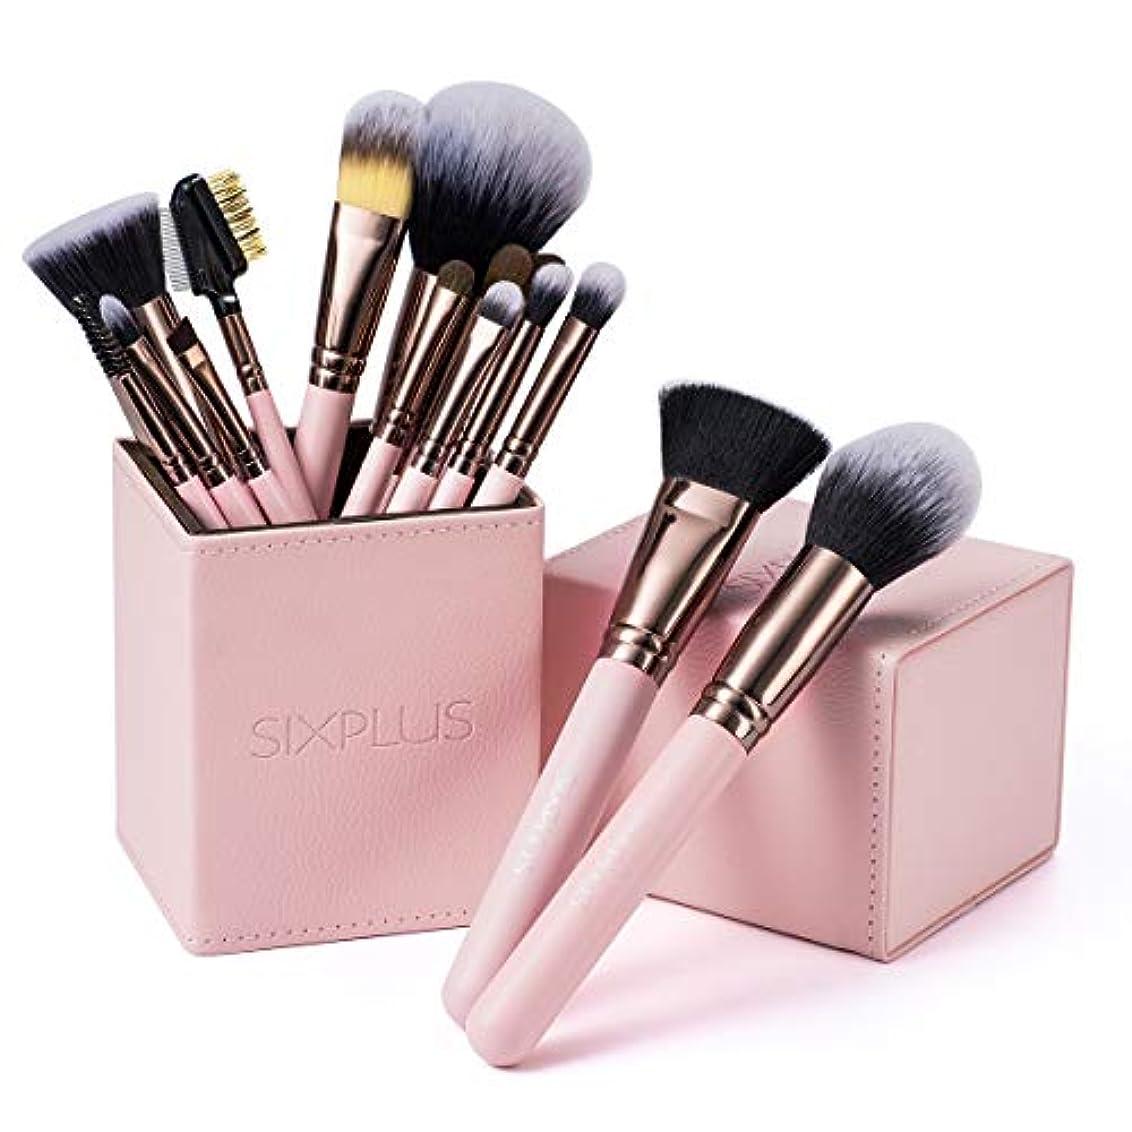 ヒロイン期待くるくるSIXPLUS ロマンチックなピンク色 メイクブラシ 15本セット(ピンク色)